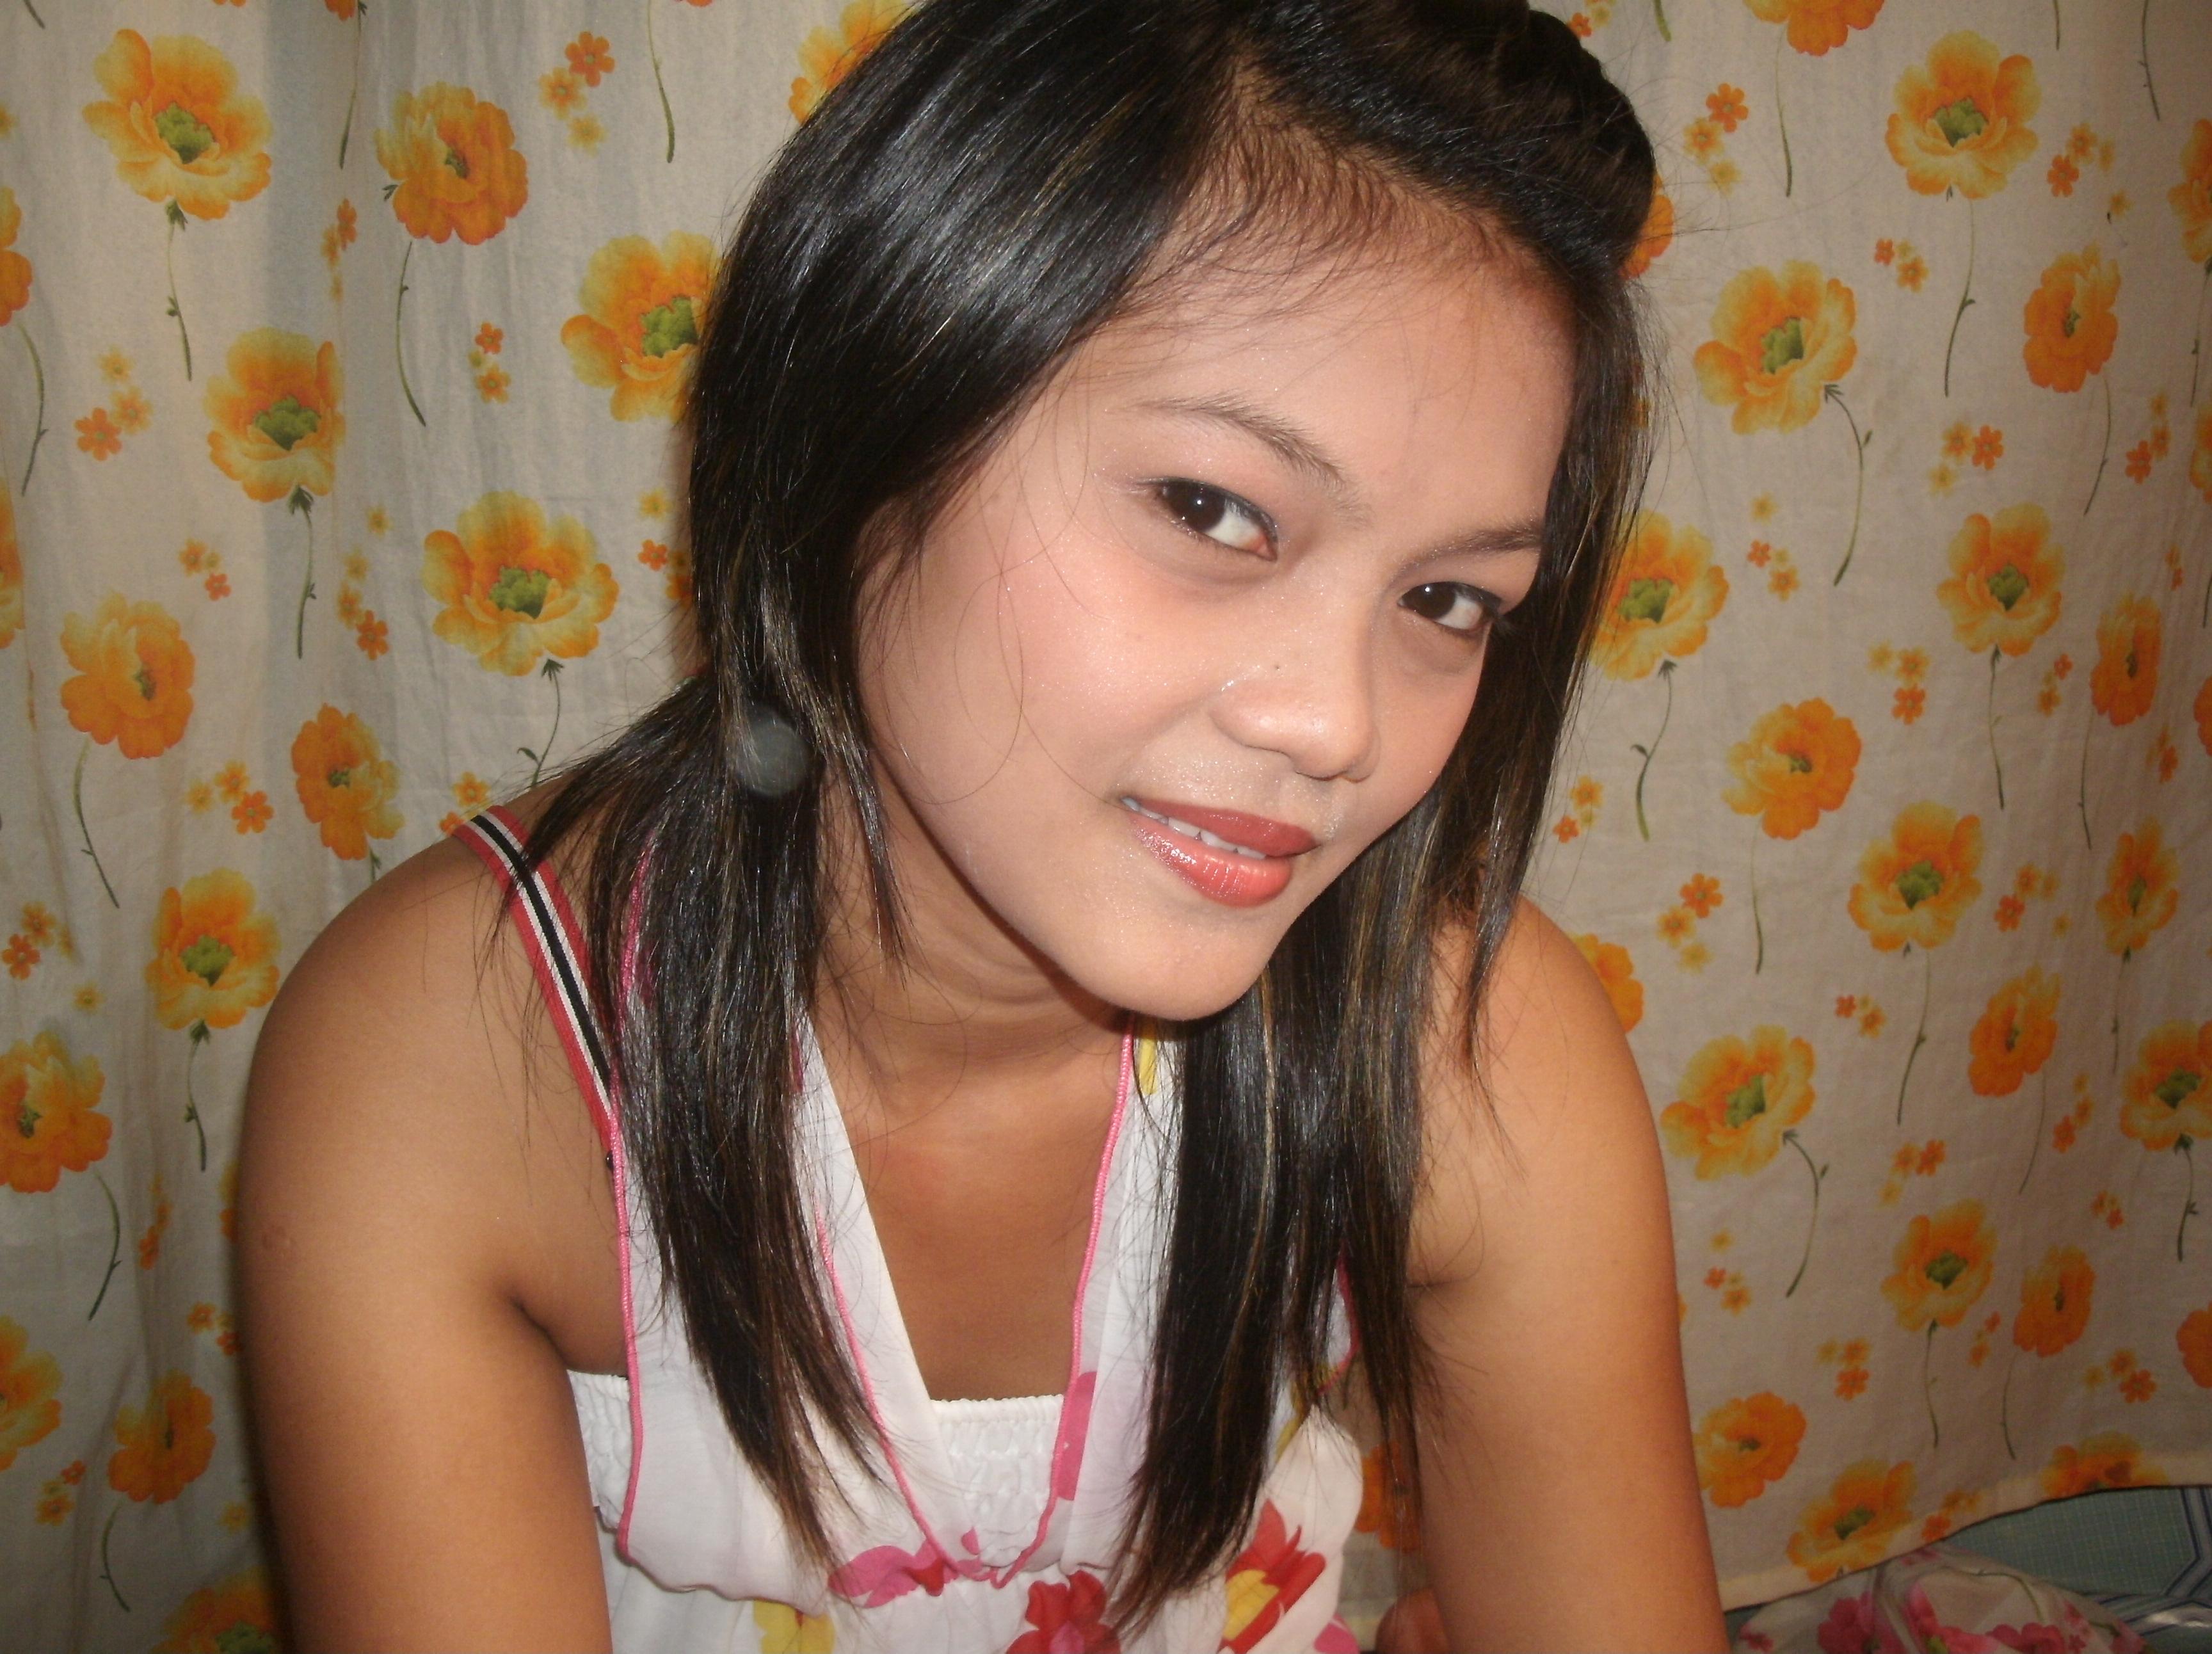 Amateur Girls on Webcam